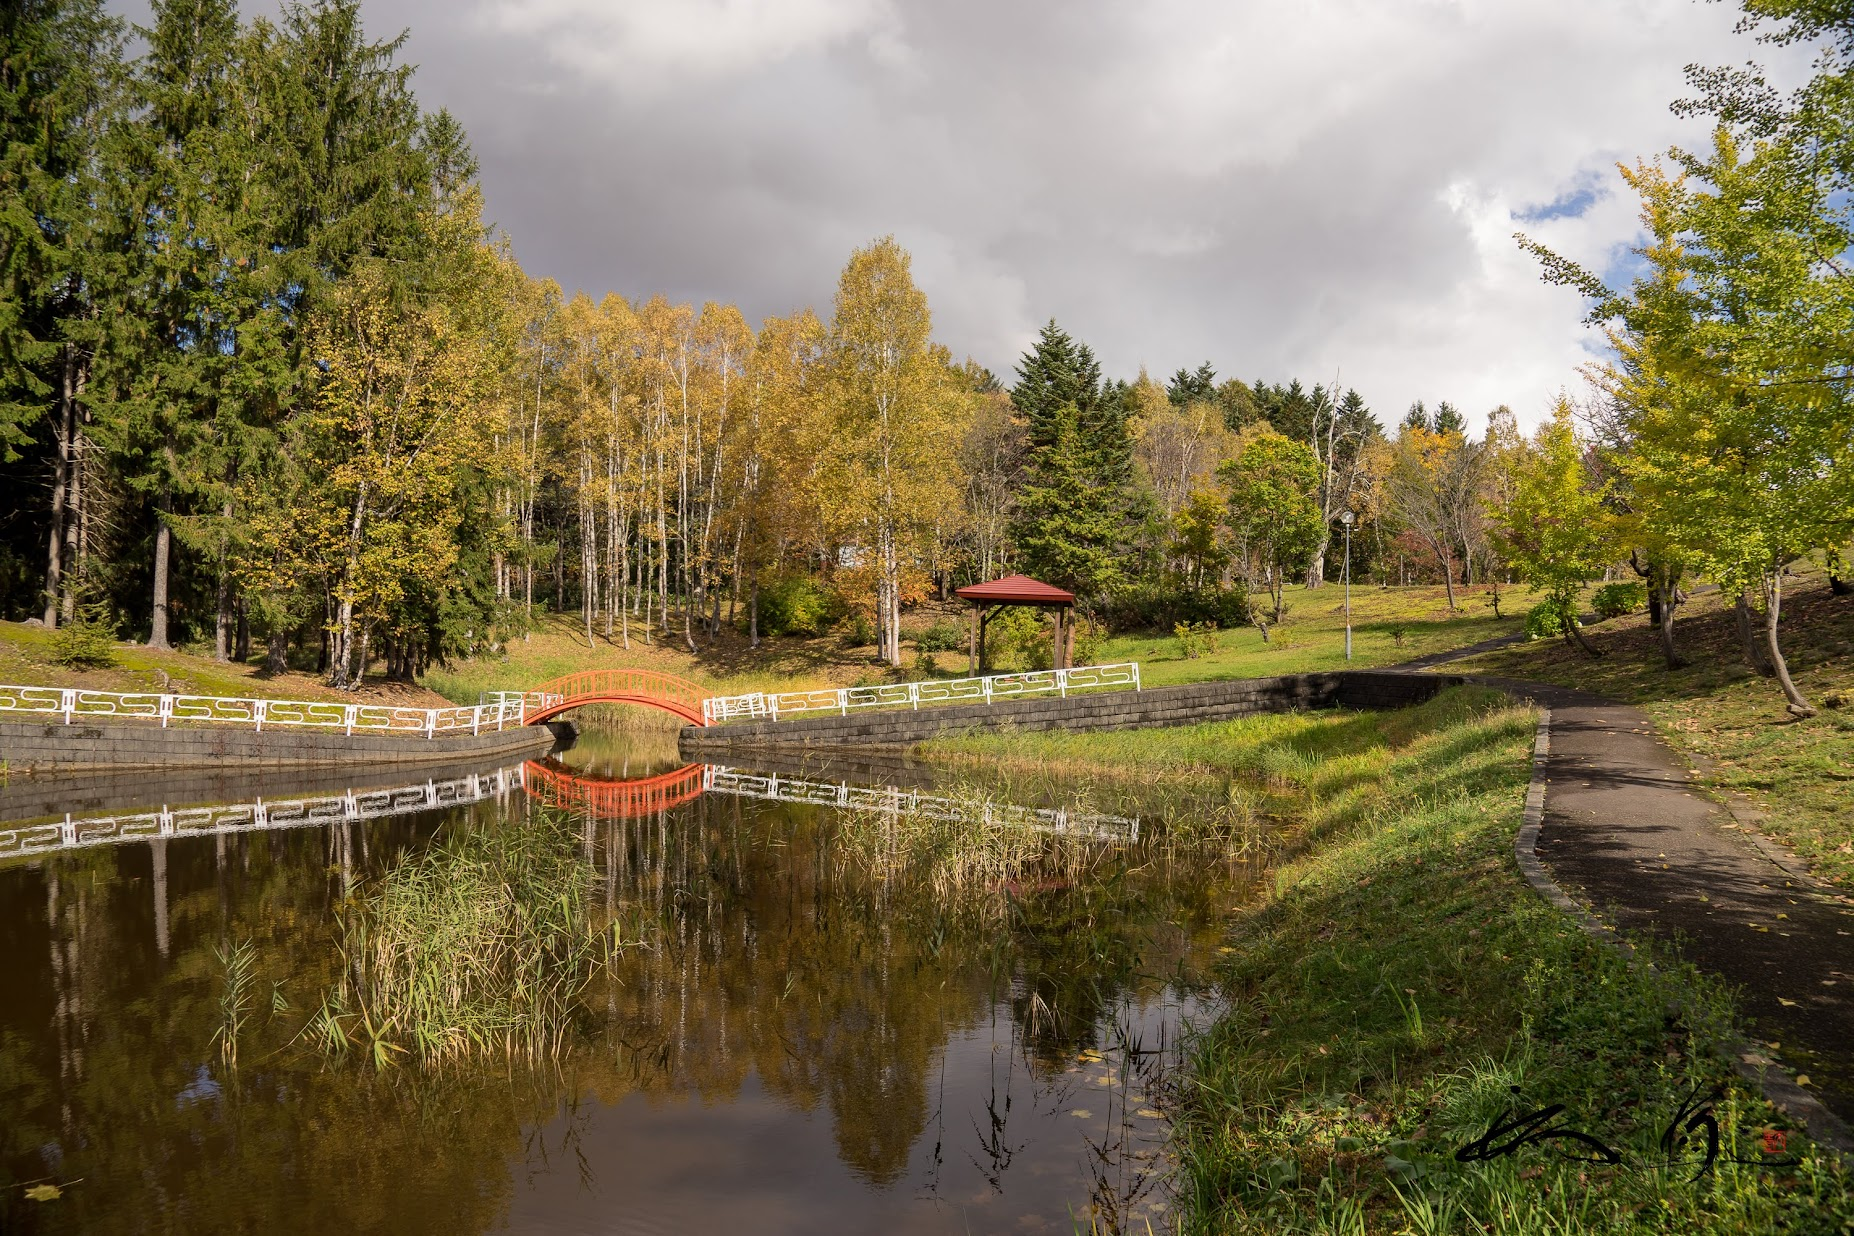 秋模様が池の水面に映り込むシンメトリーな風景